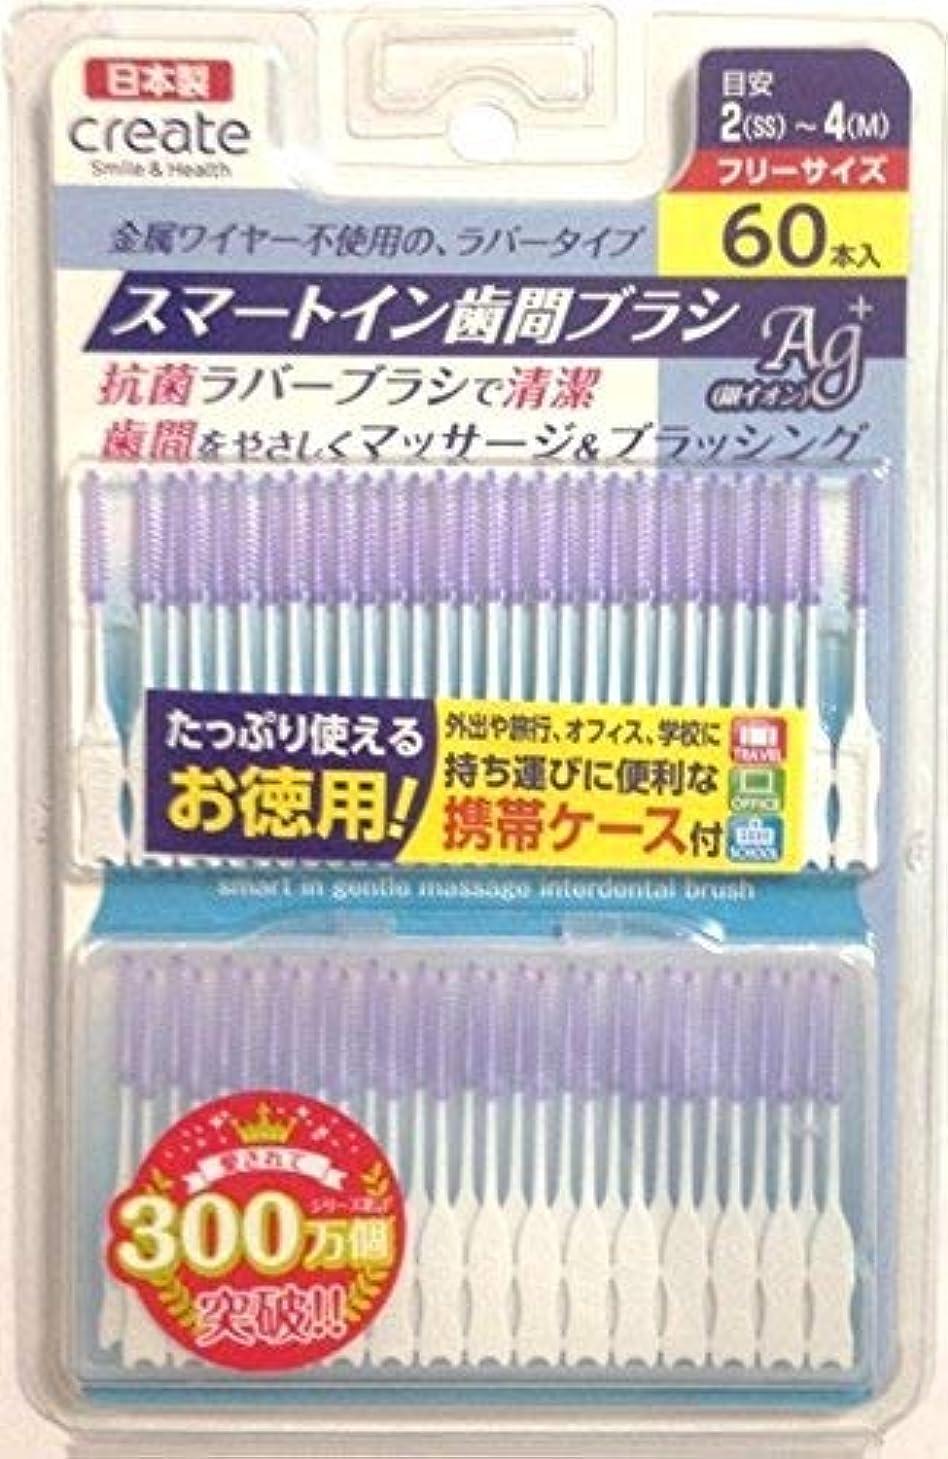 軍隊照らす降雨クリエイト スマートイン歯間ブラシ 2(SS)-4(M) 金属ワイヤー不使用?ラバータイプ お徳用 60本×2個